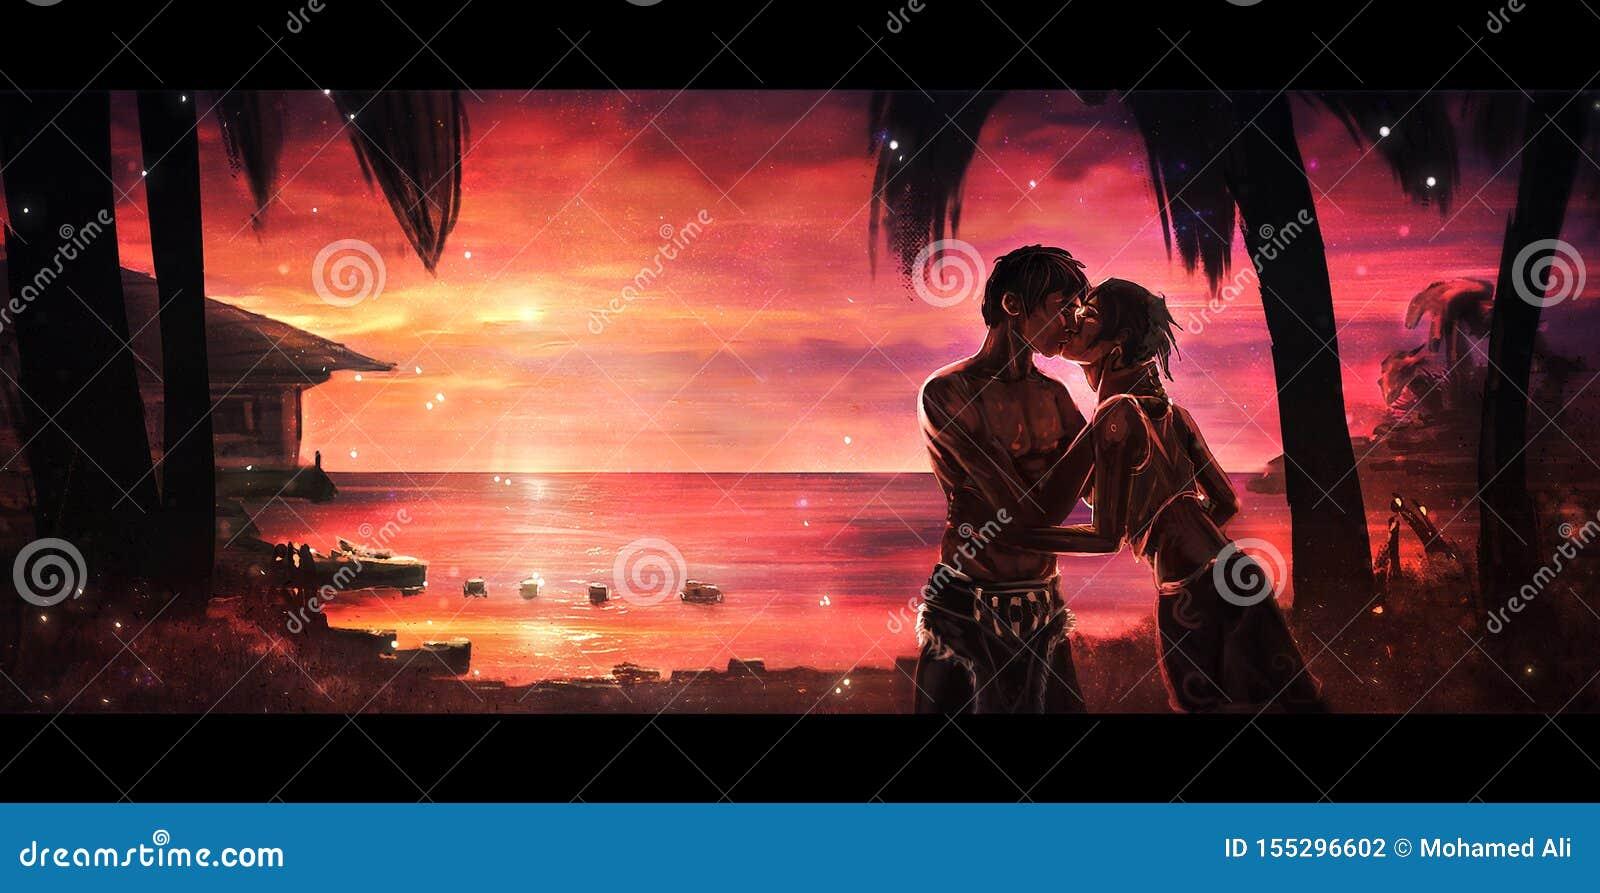 Digital-Farbe eines hawaiischen Paares, das auf Strand mit einer bunten Sonnenuntergang-Ansicht in Hintergrund küsst